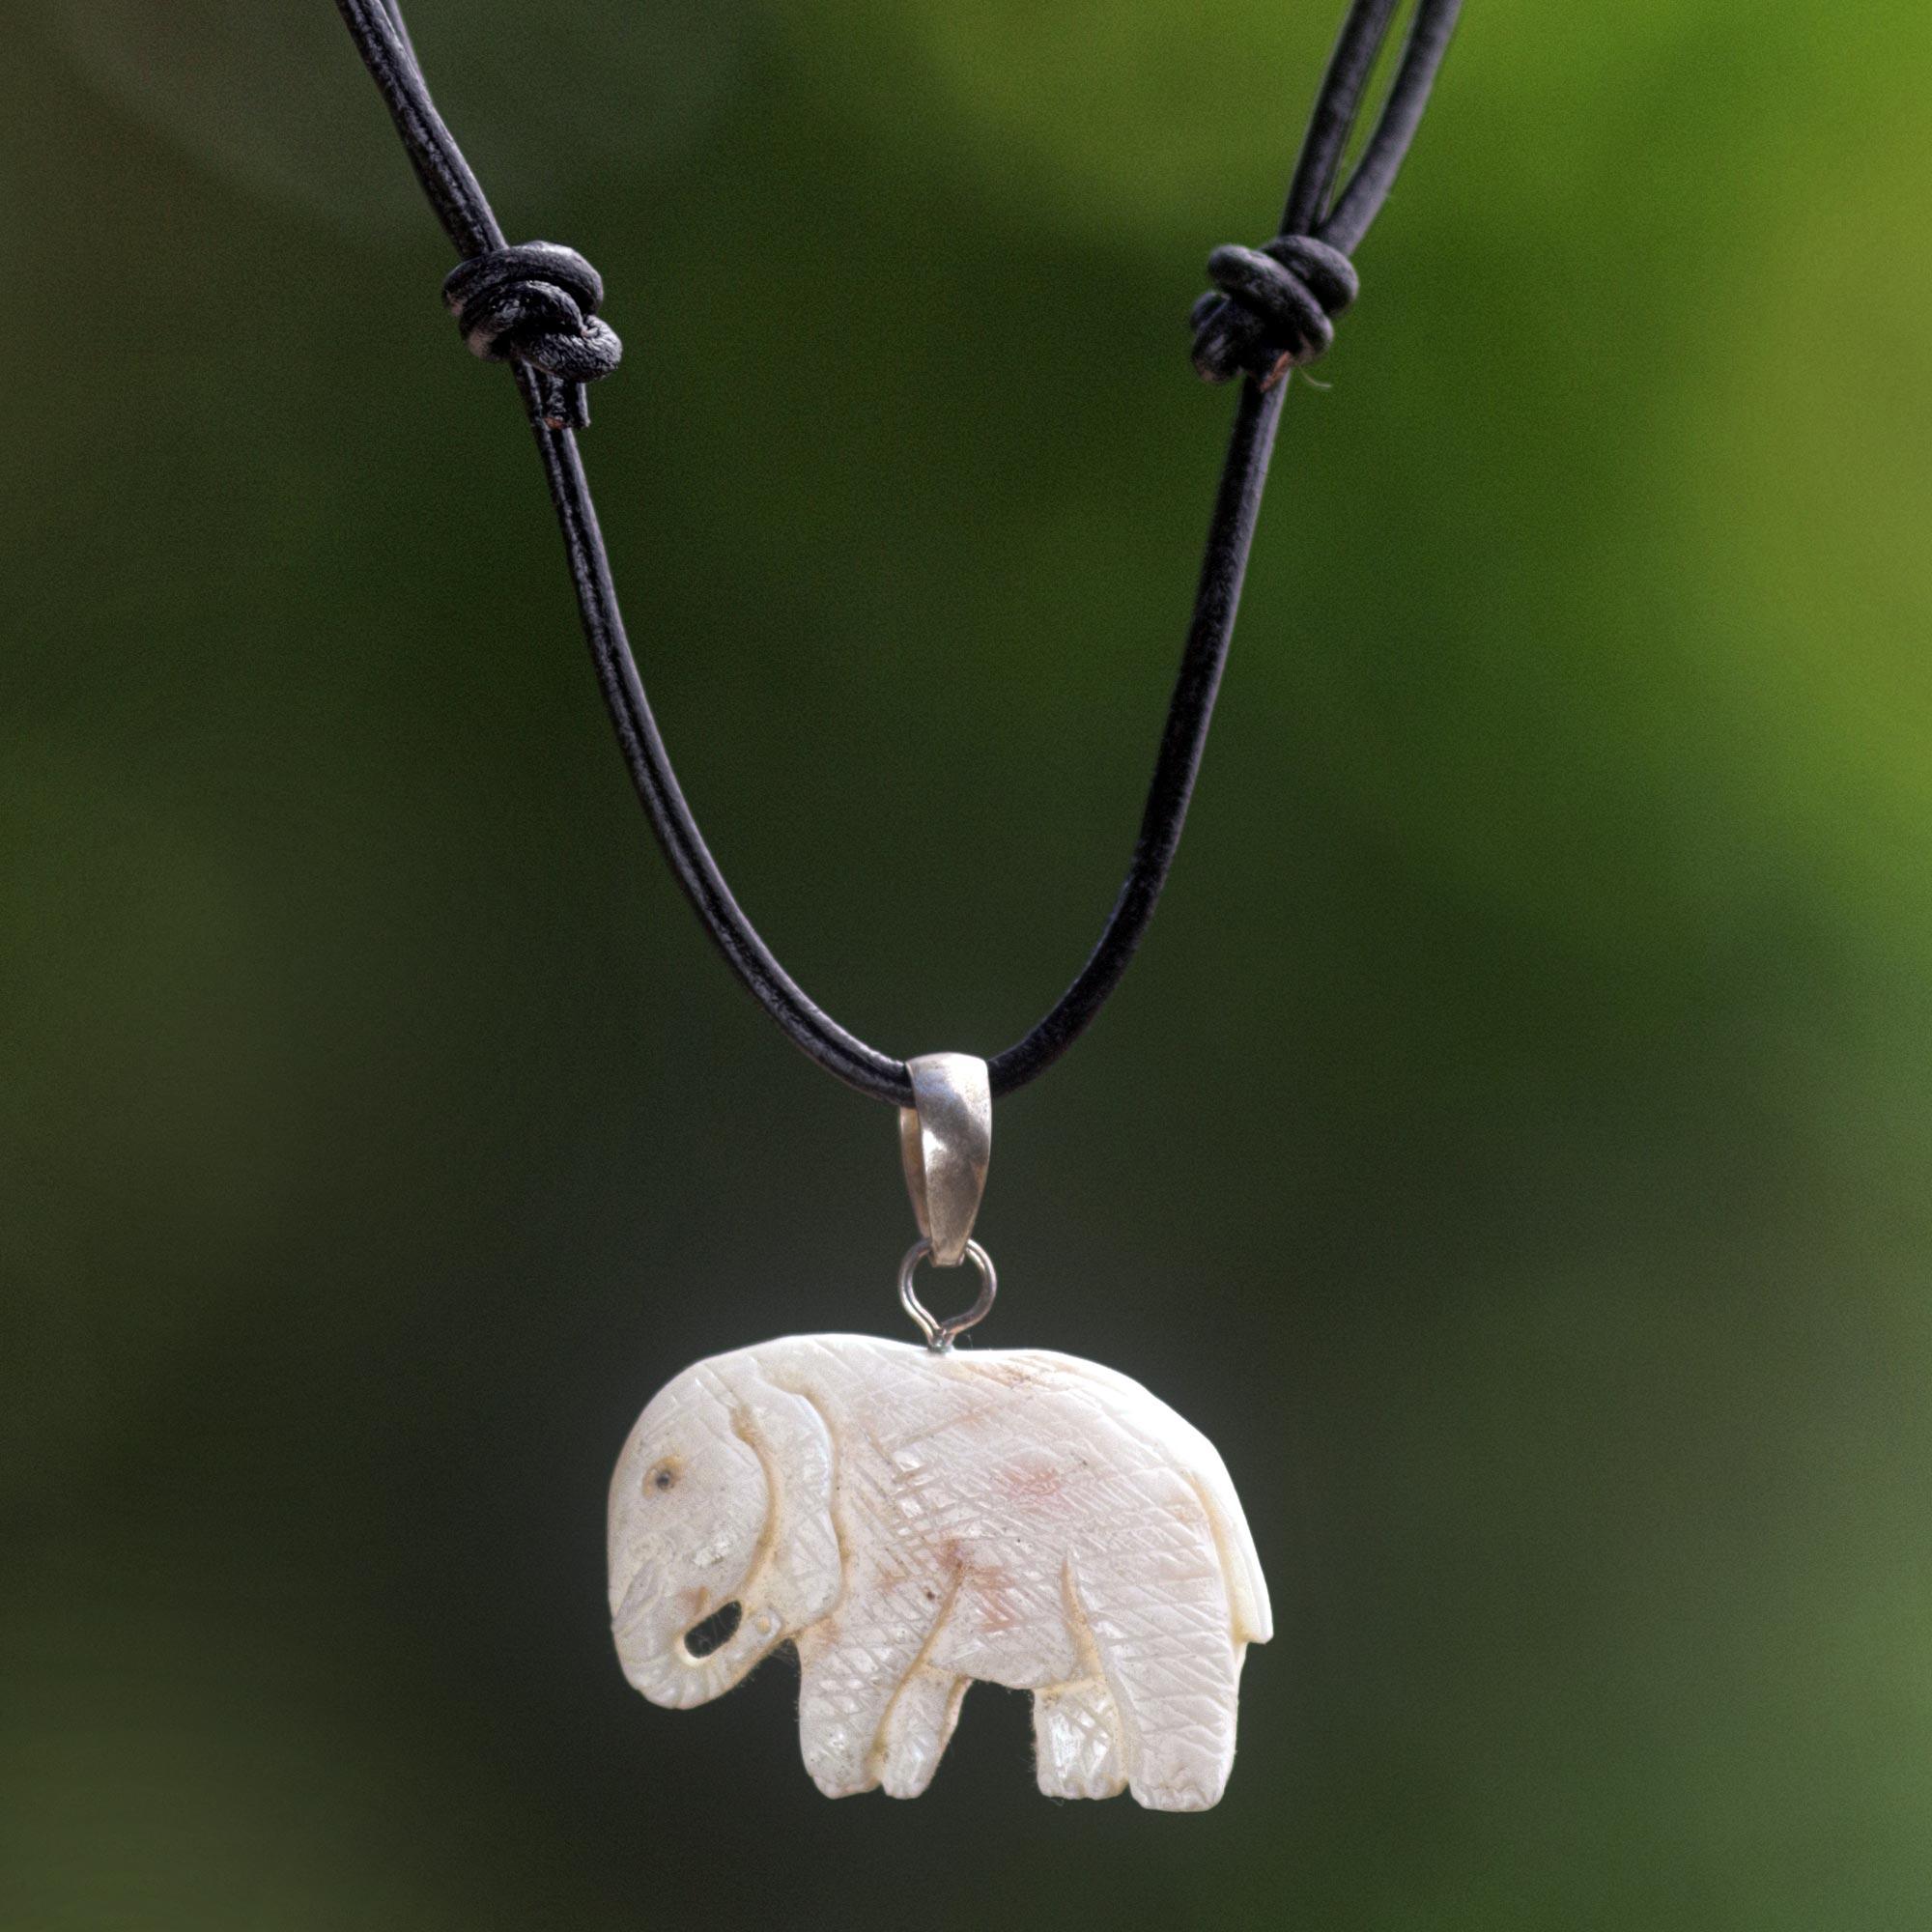 Unicef Market Hand Made Bone Pendant Necklace Elephant From Indonesia Stoic Elephant